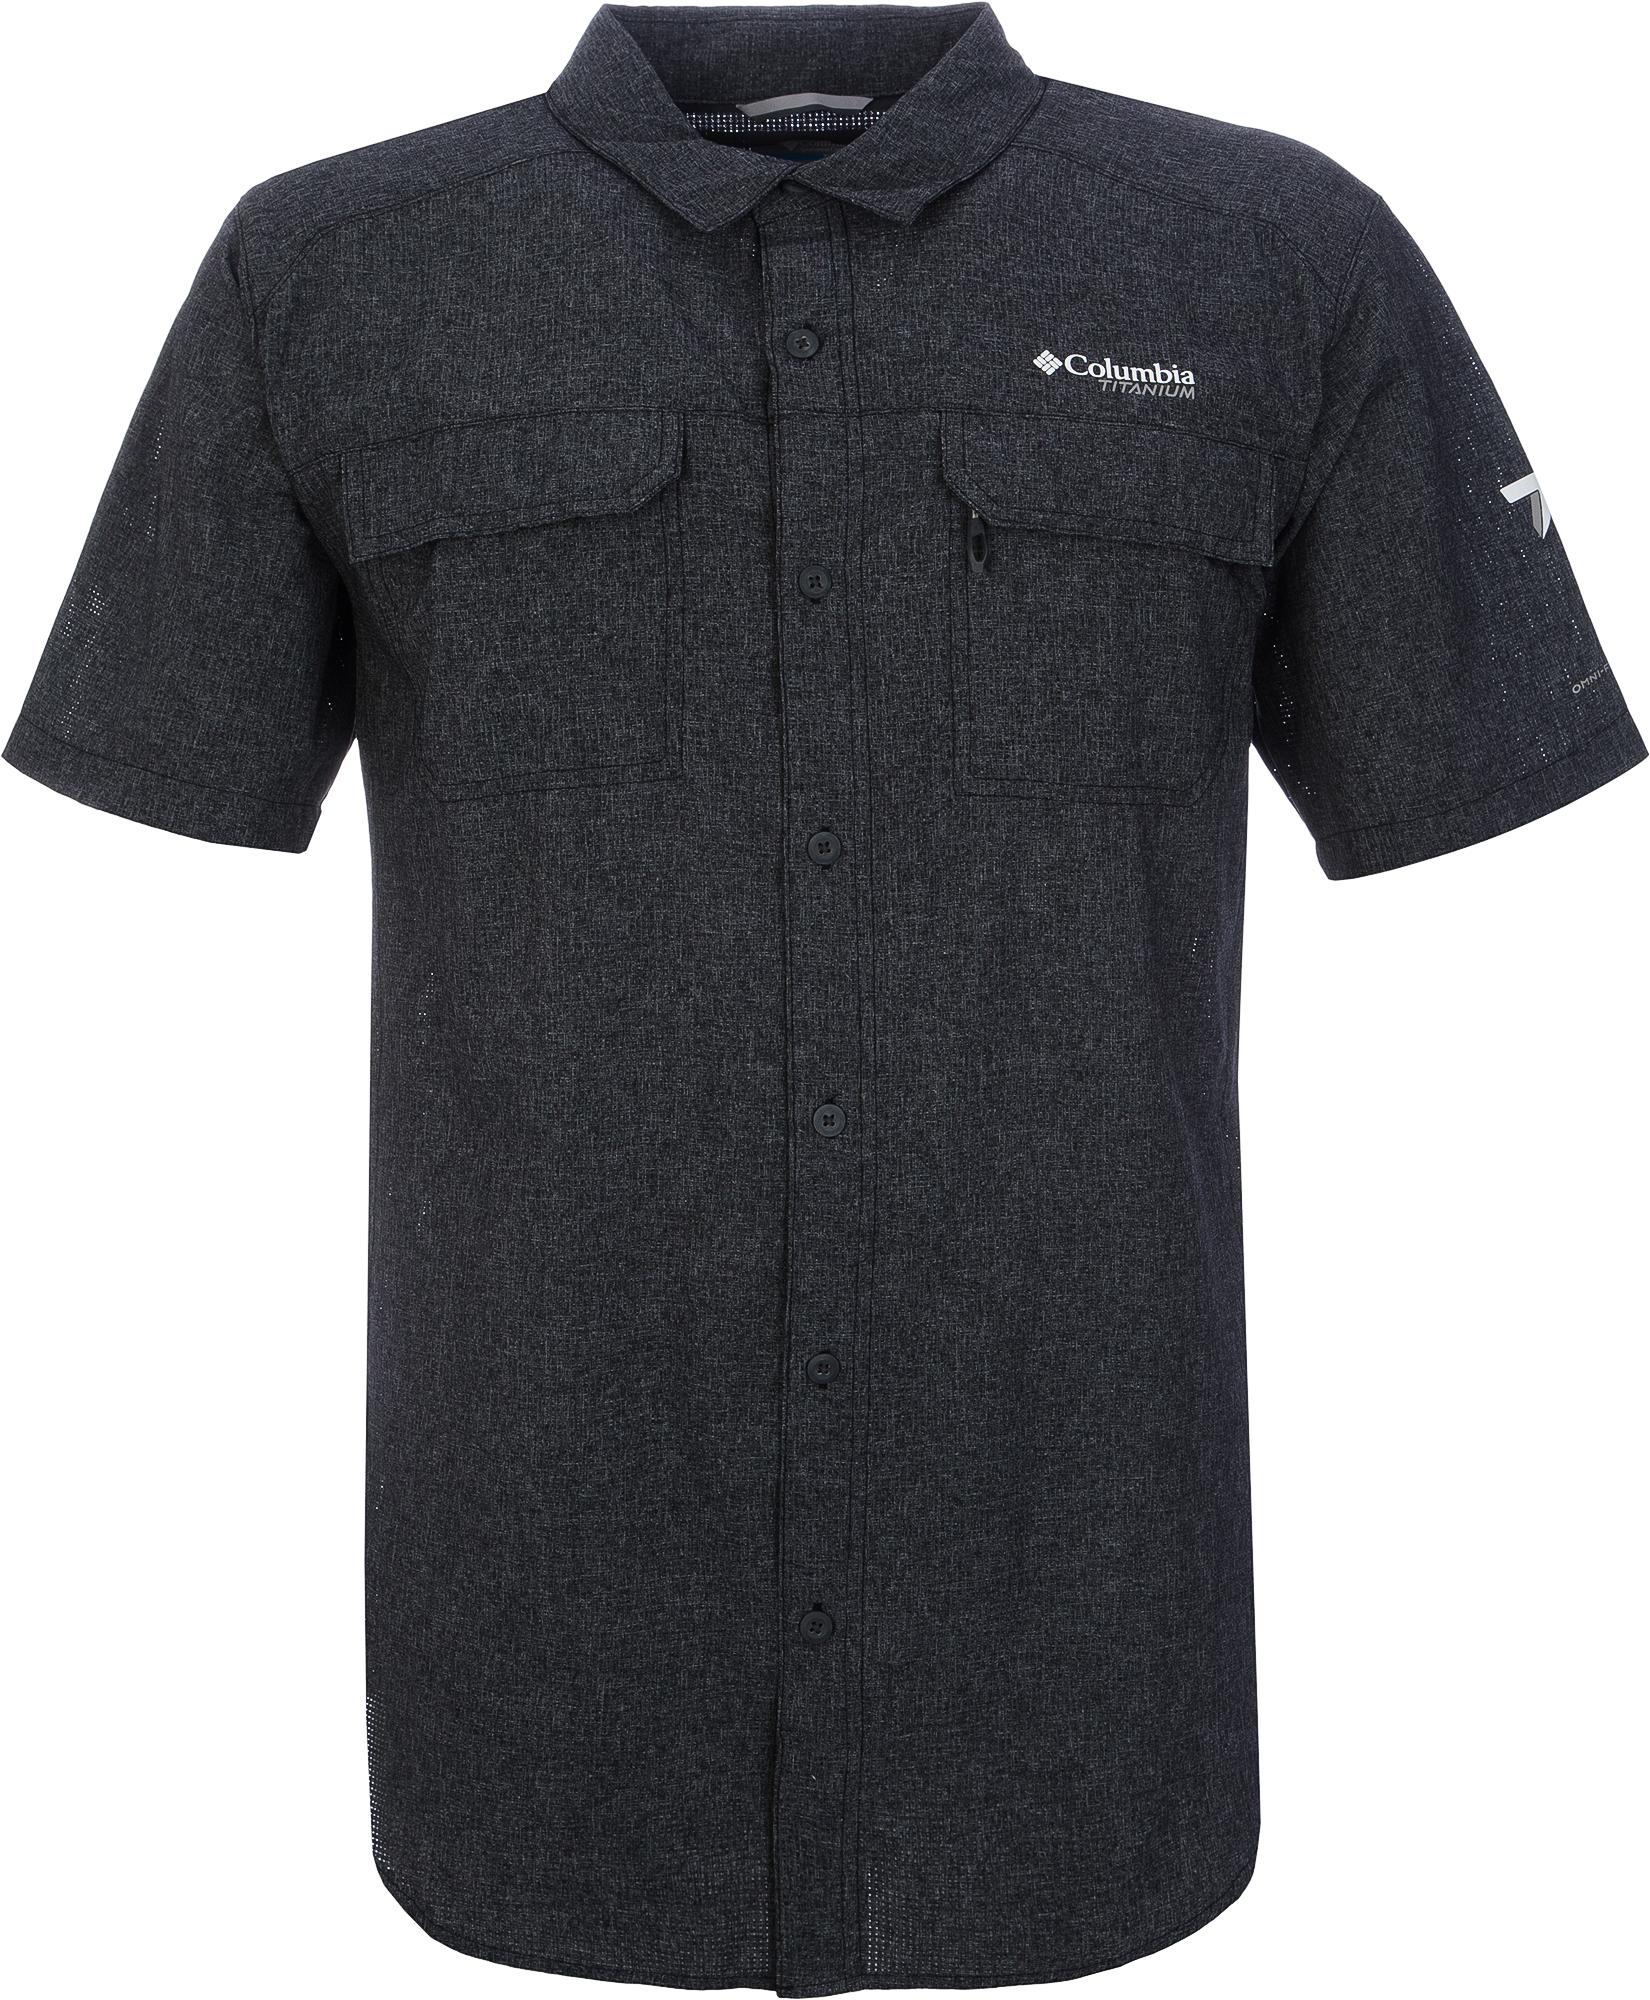 цена на Columbia Рубашка мужская Columbia Irico, размер 46-48